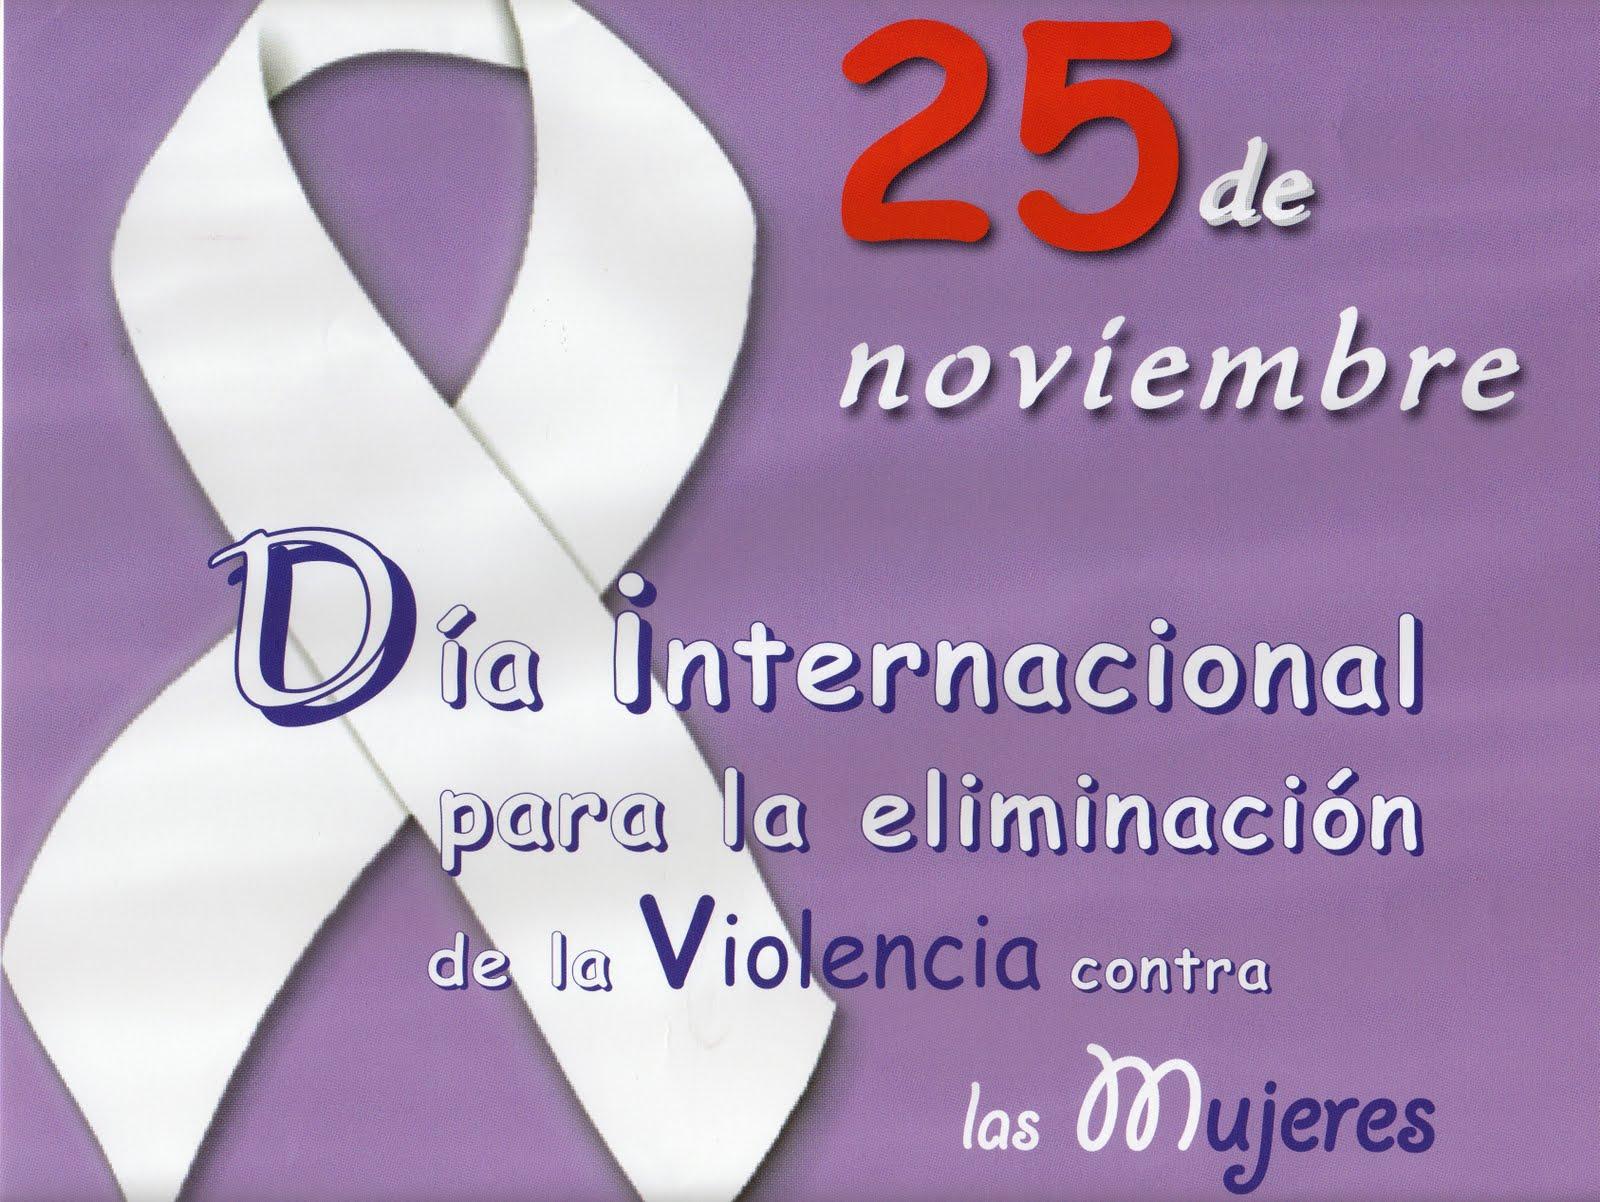 25 de noviembre dia internacional: